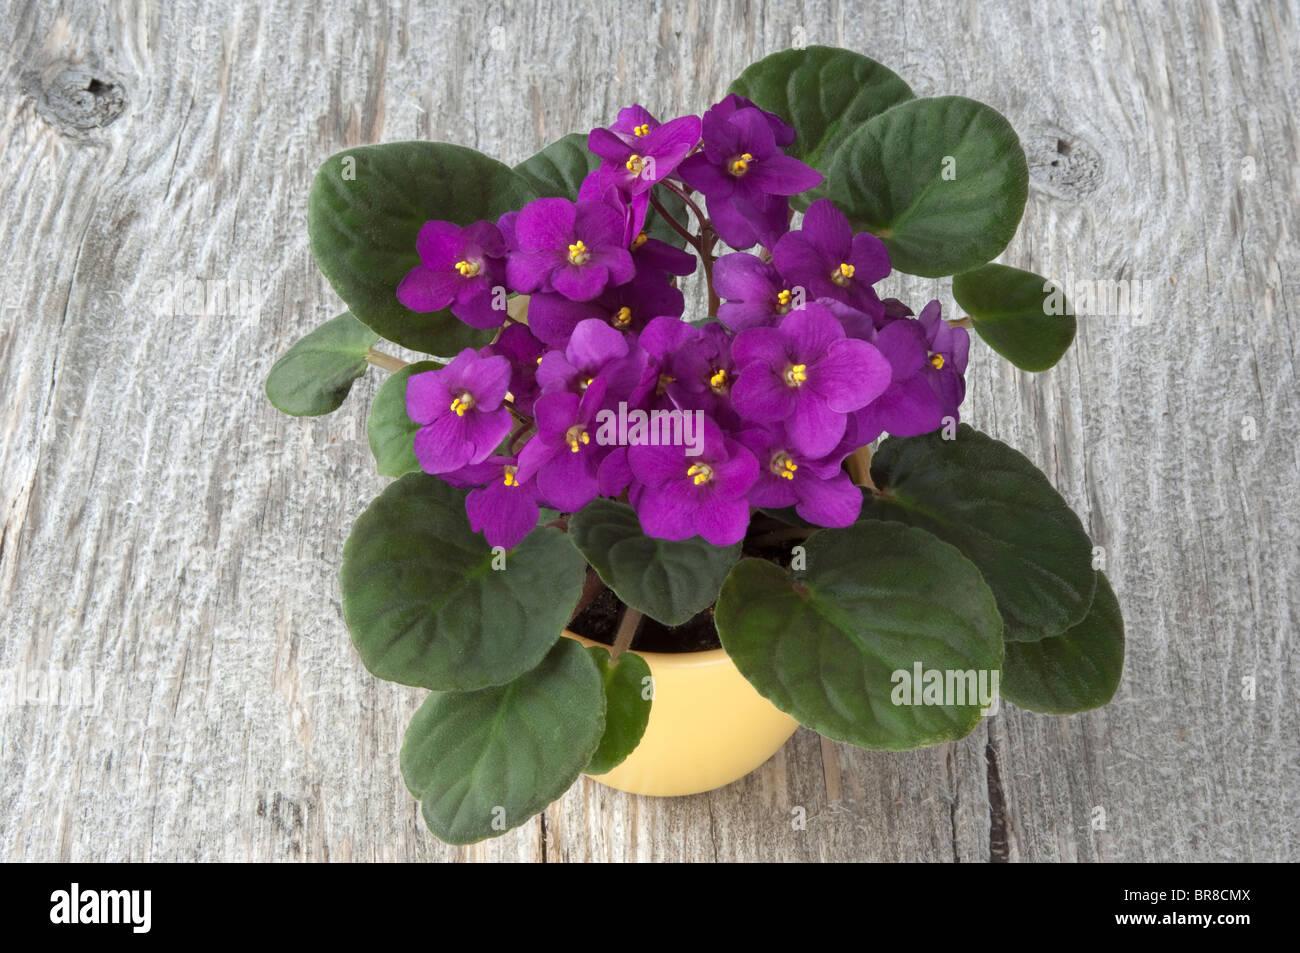 Saintpaulia, African Violet (Saintpaulia ionantha-ibrido), pianta in vaso con fiori viola sul legno. Immagini Stock